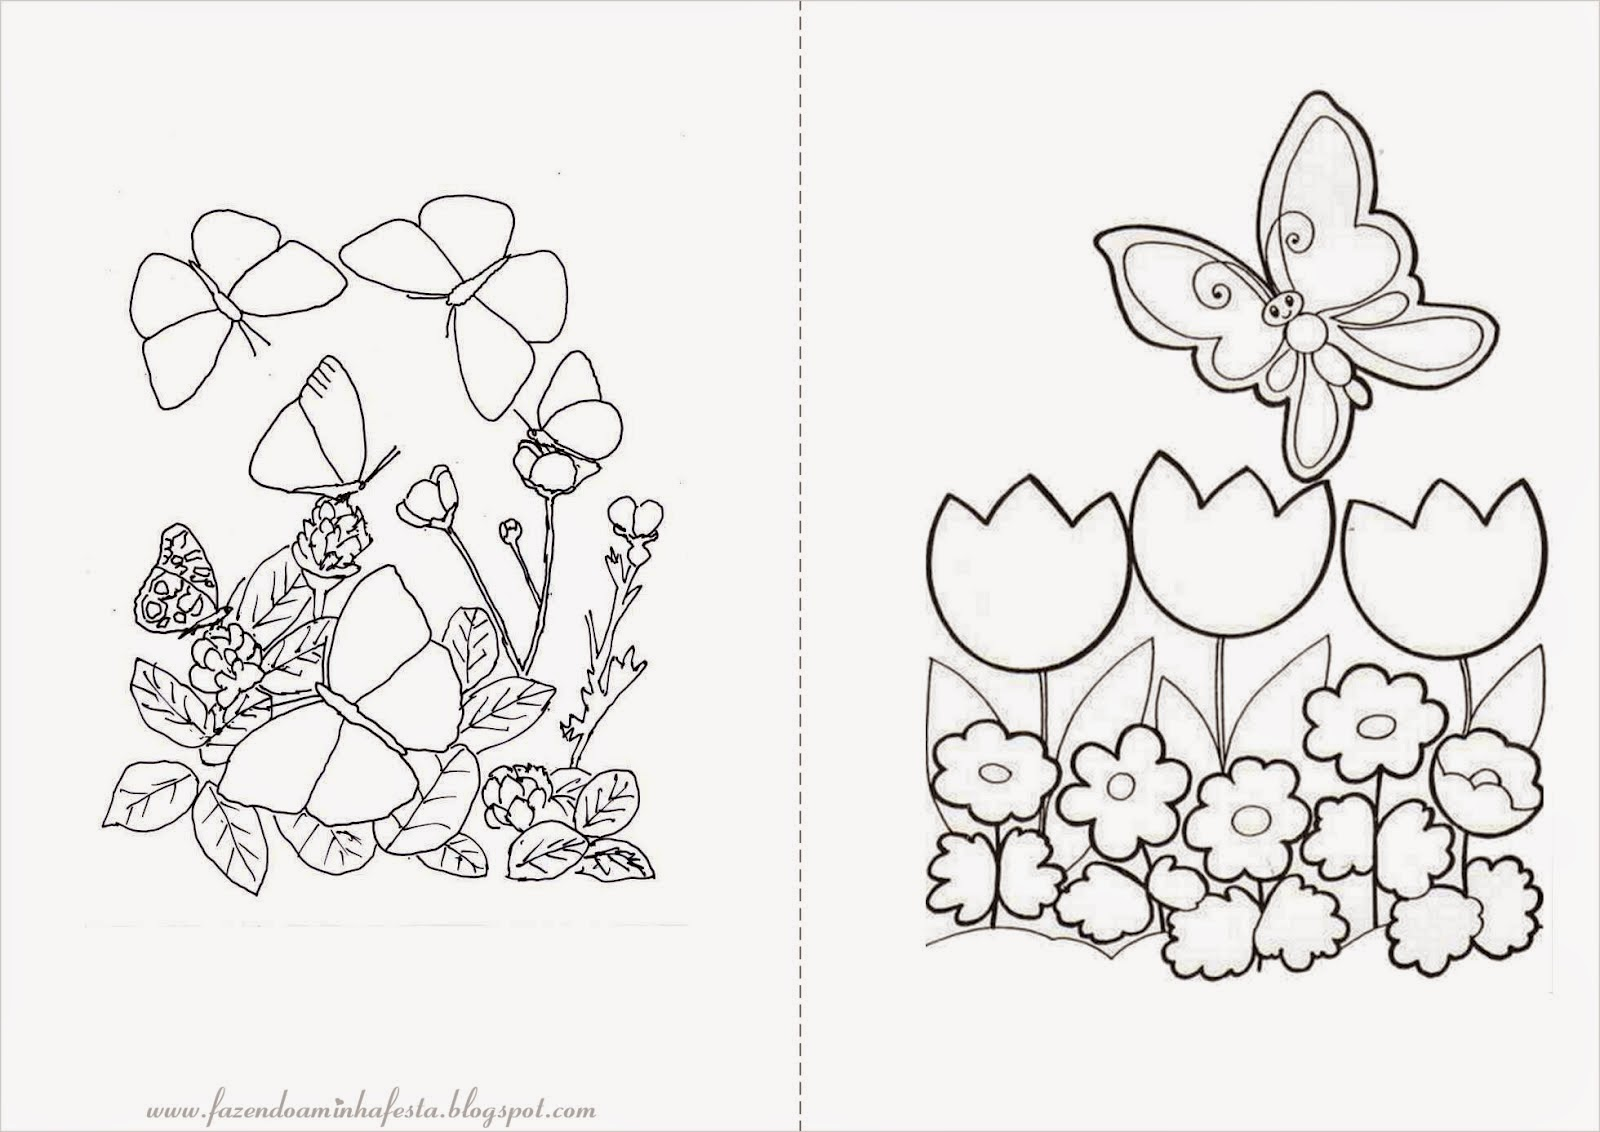 Colorindo Com As Lembrancinhas Rcbx Desenhos Para Imprimir E